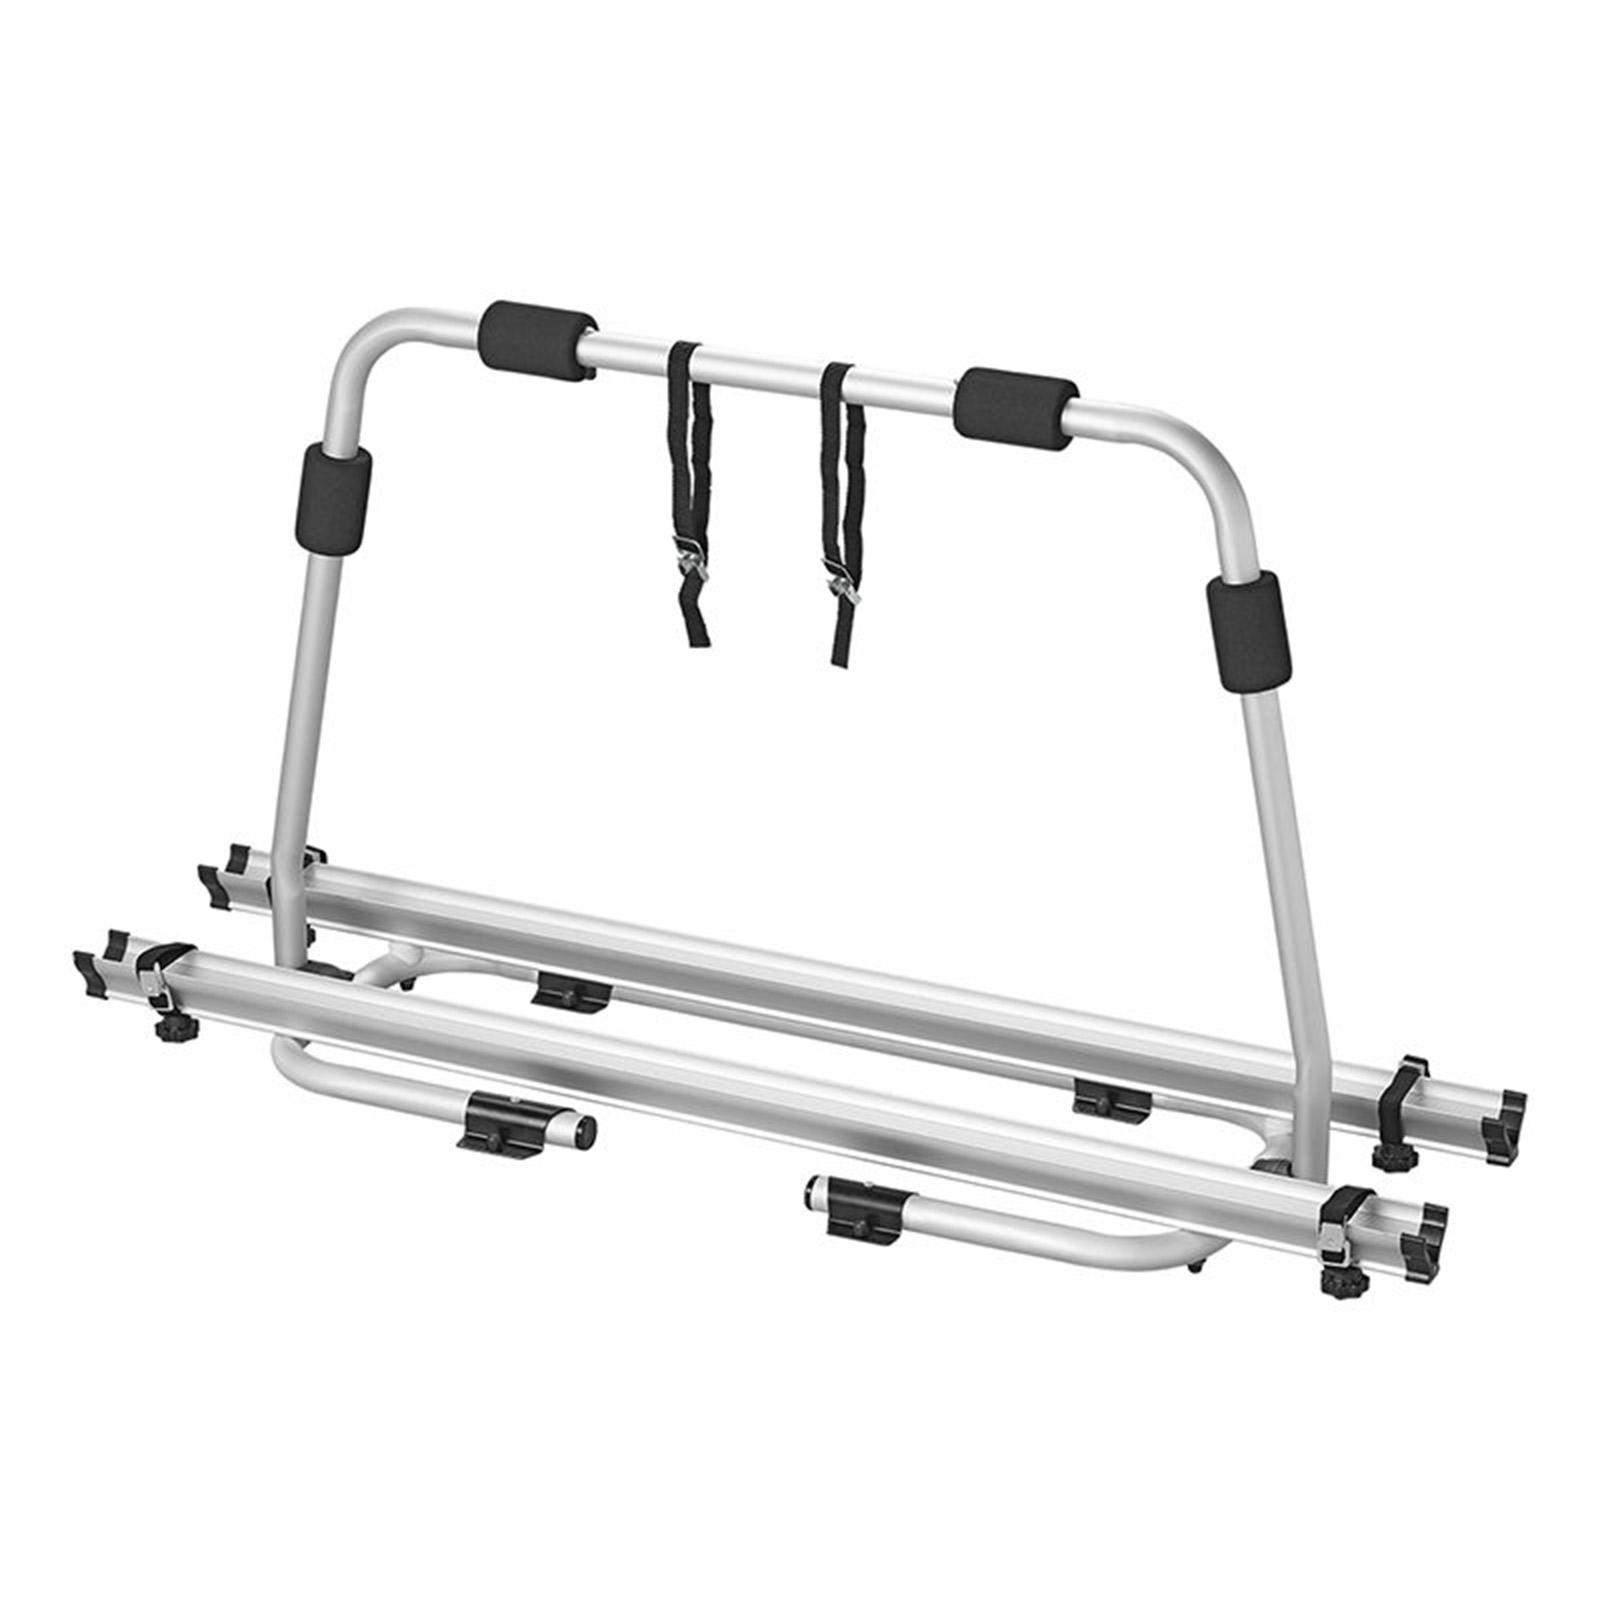 Deichsel Fahrradträger Wohnwagen für 2 Fahrräder  max. 40 kg Belastung